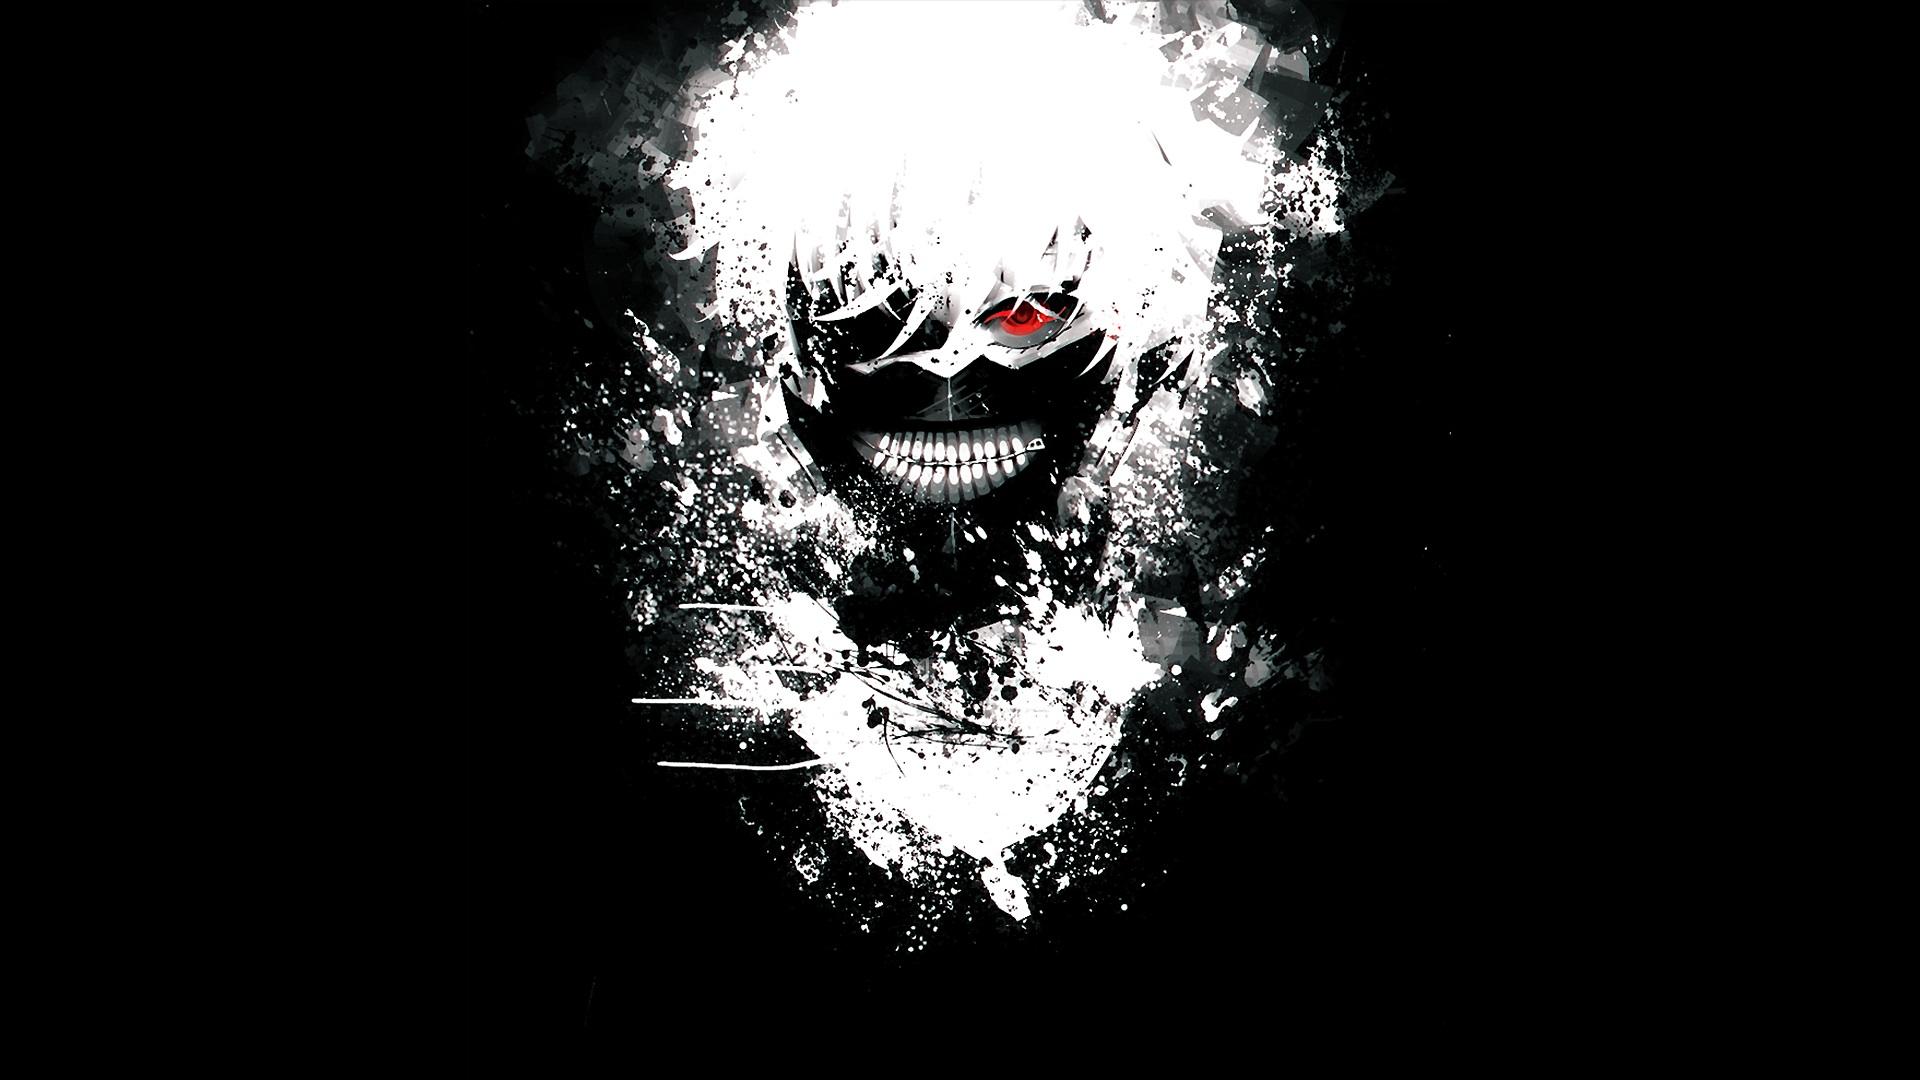 10 Best Badass Desktop Backgrounds 1920x1080 Full Hd 1080p: Tokyo Ghoul Bilder Kaneki Hintergrund HD Hintergrund And